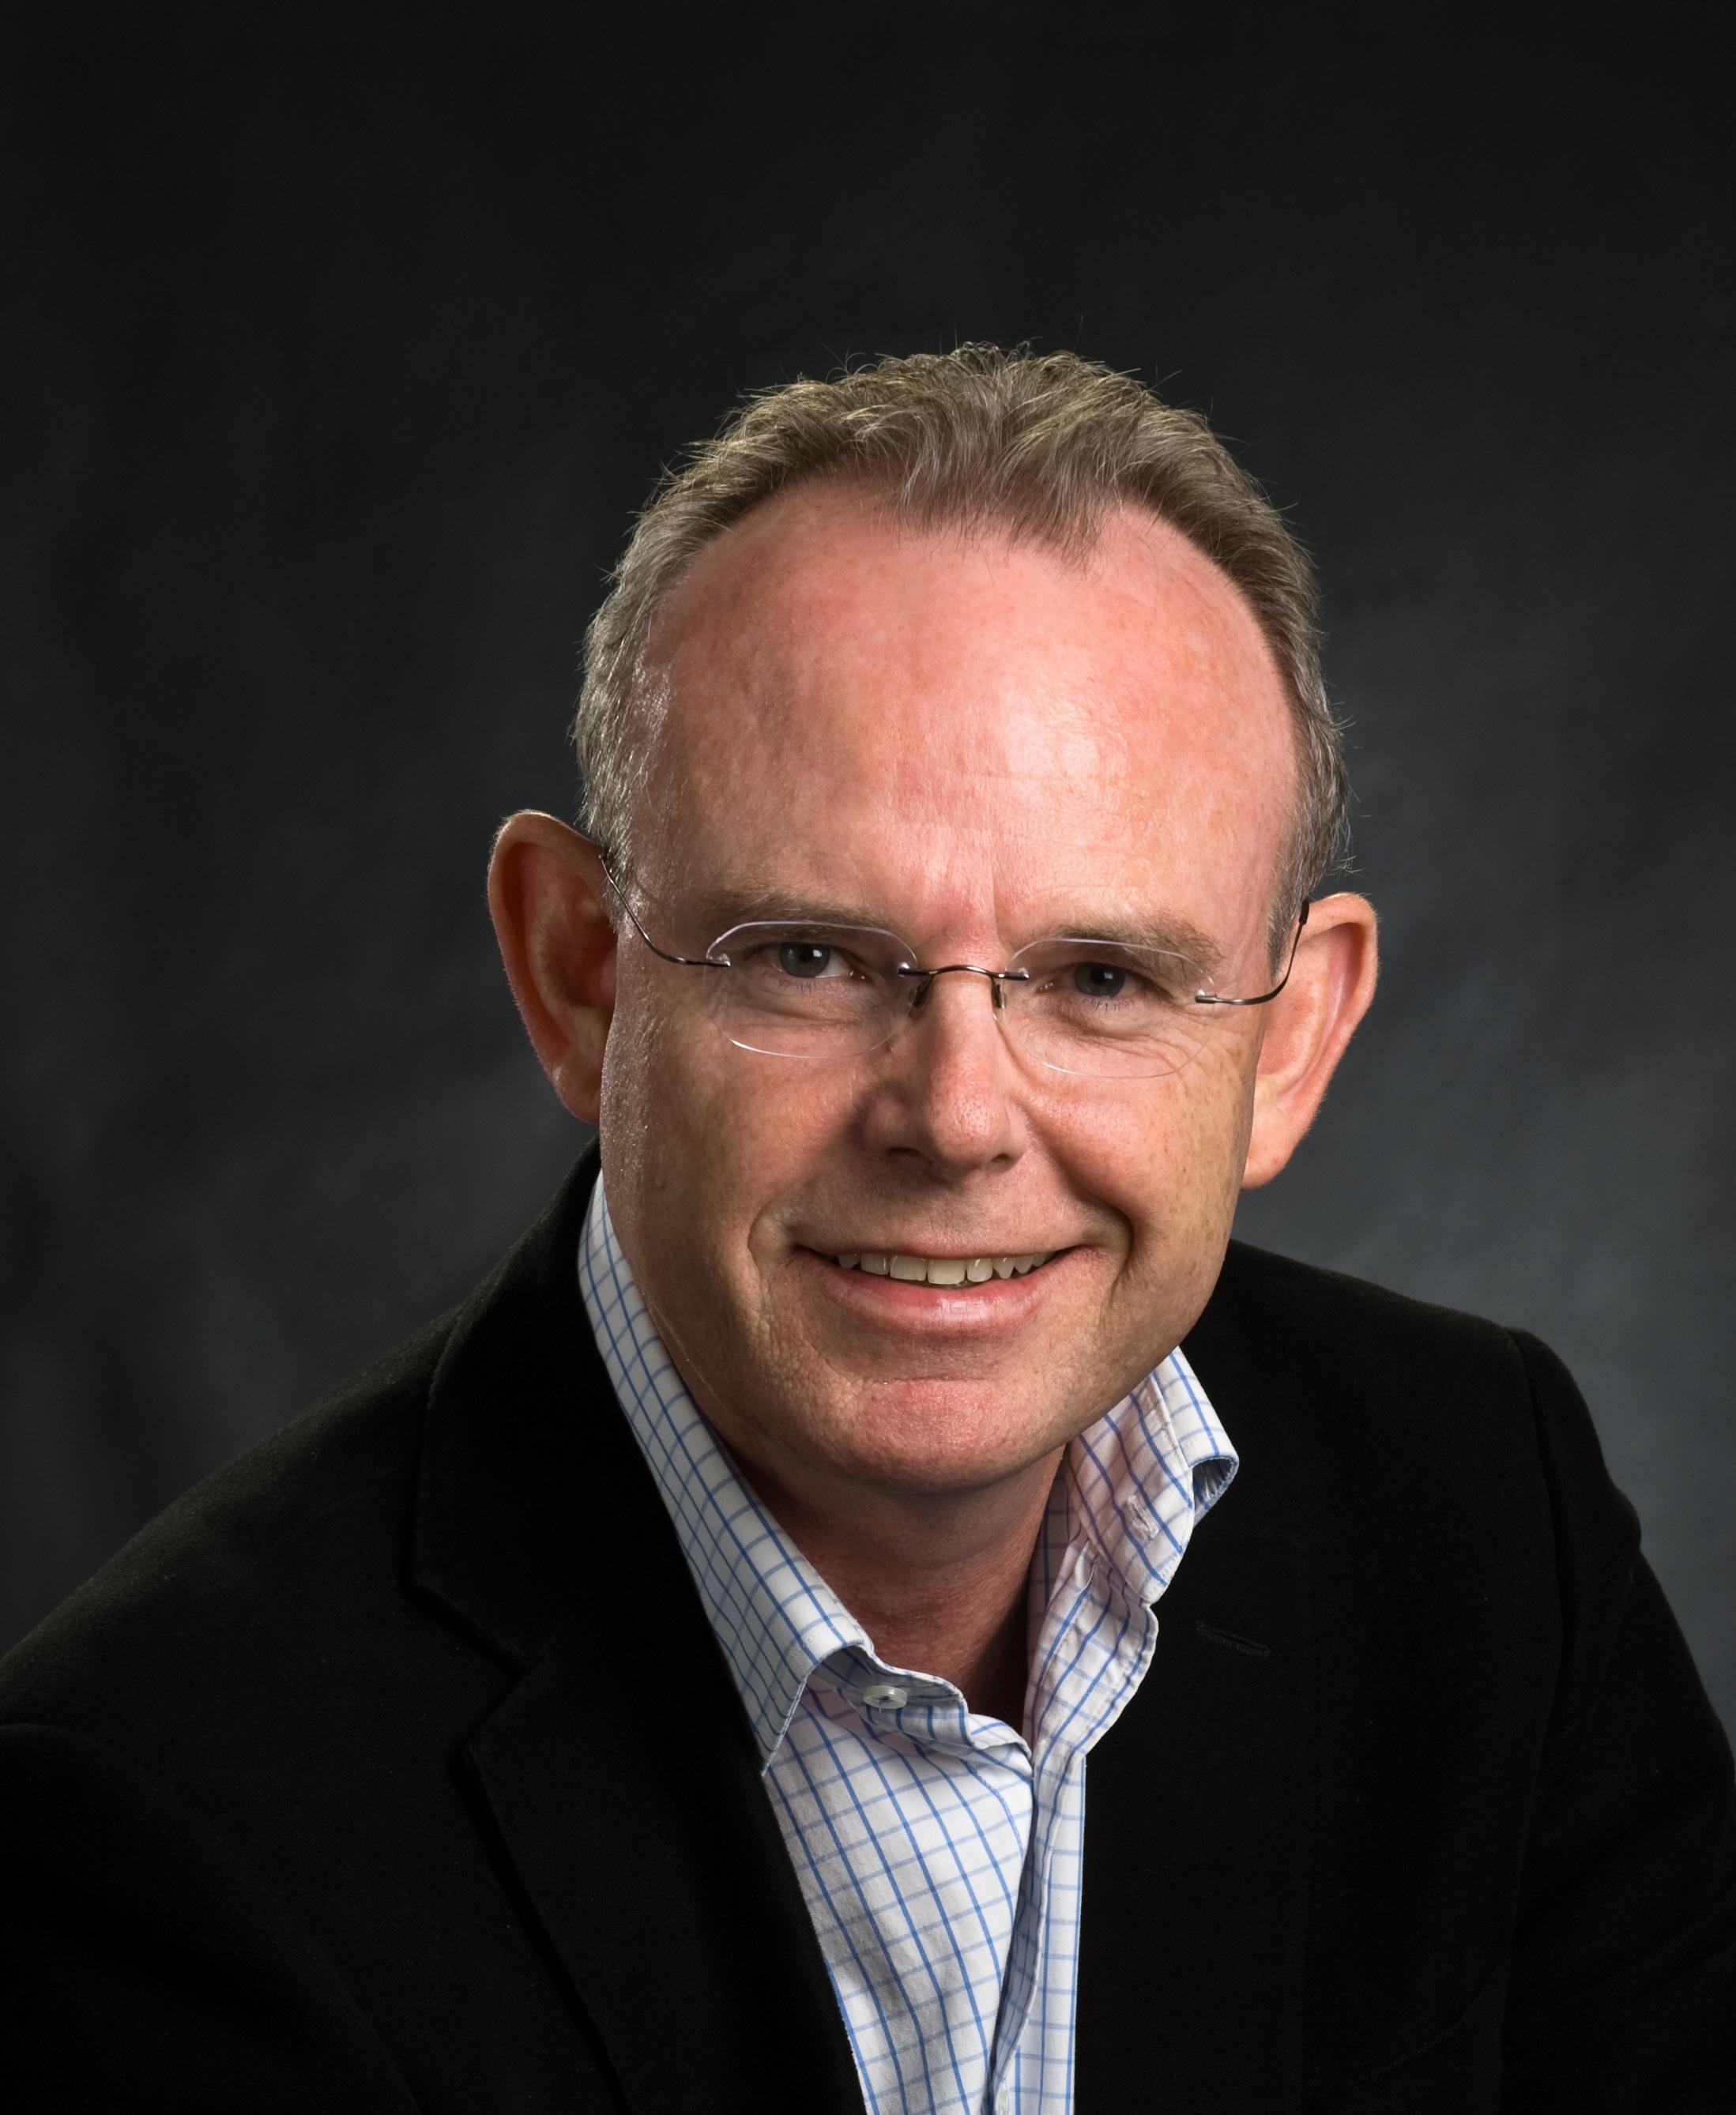 John Perrottet, Senior Tourism Specialist at World Bank and Keynote Speaker at World Tourism Forum Lucerne 2017